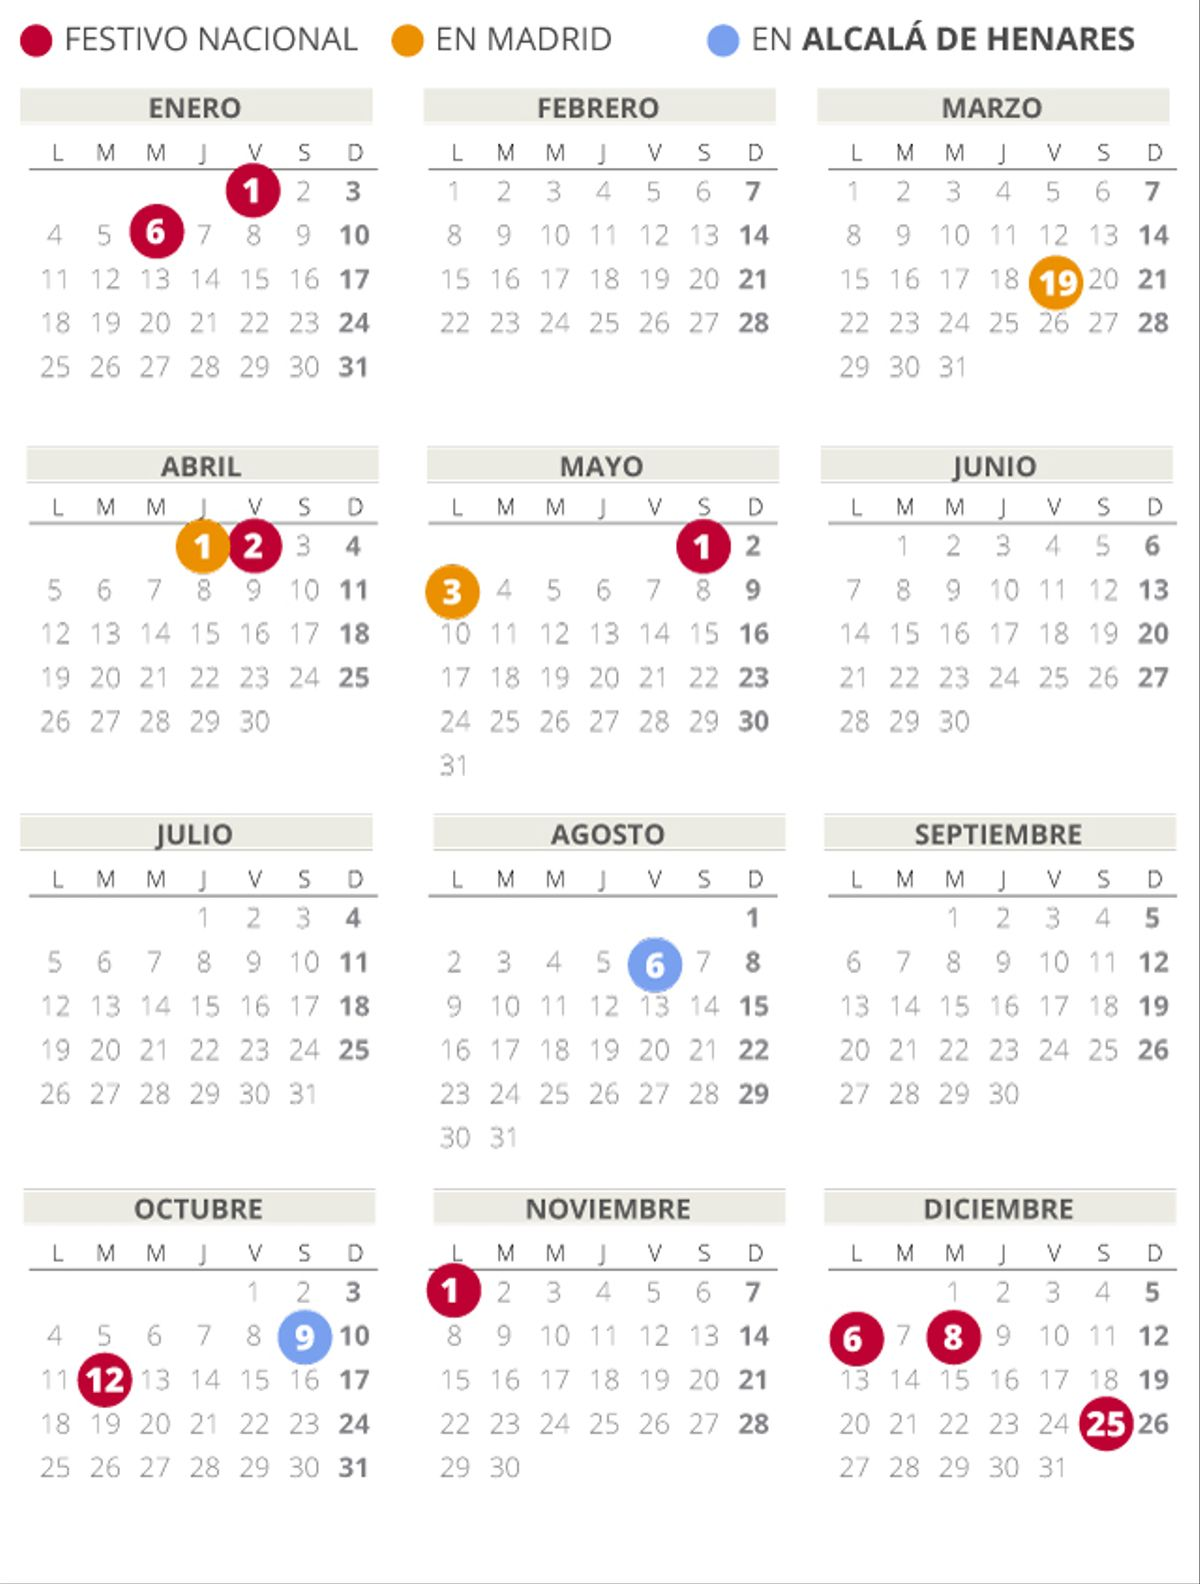 Calendario laboral de Alcala de Henares del 2021.